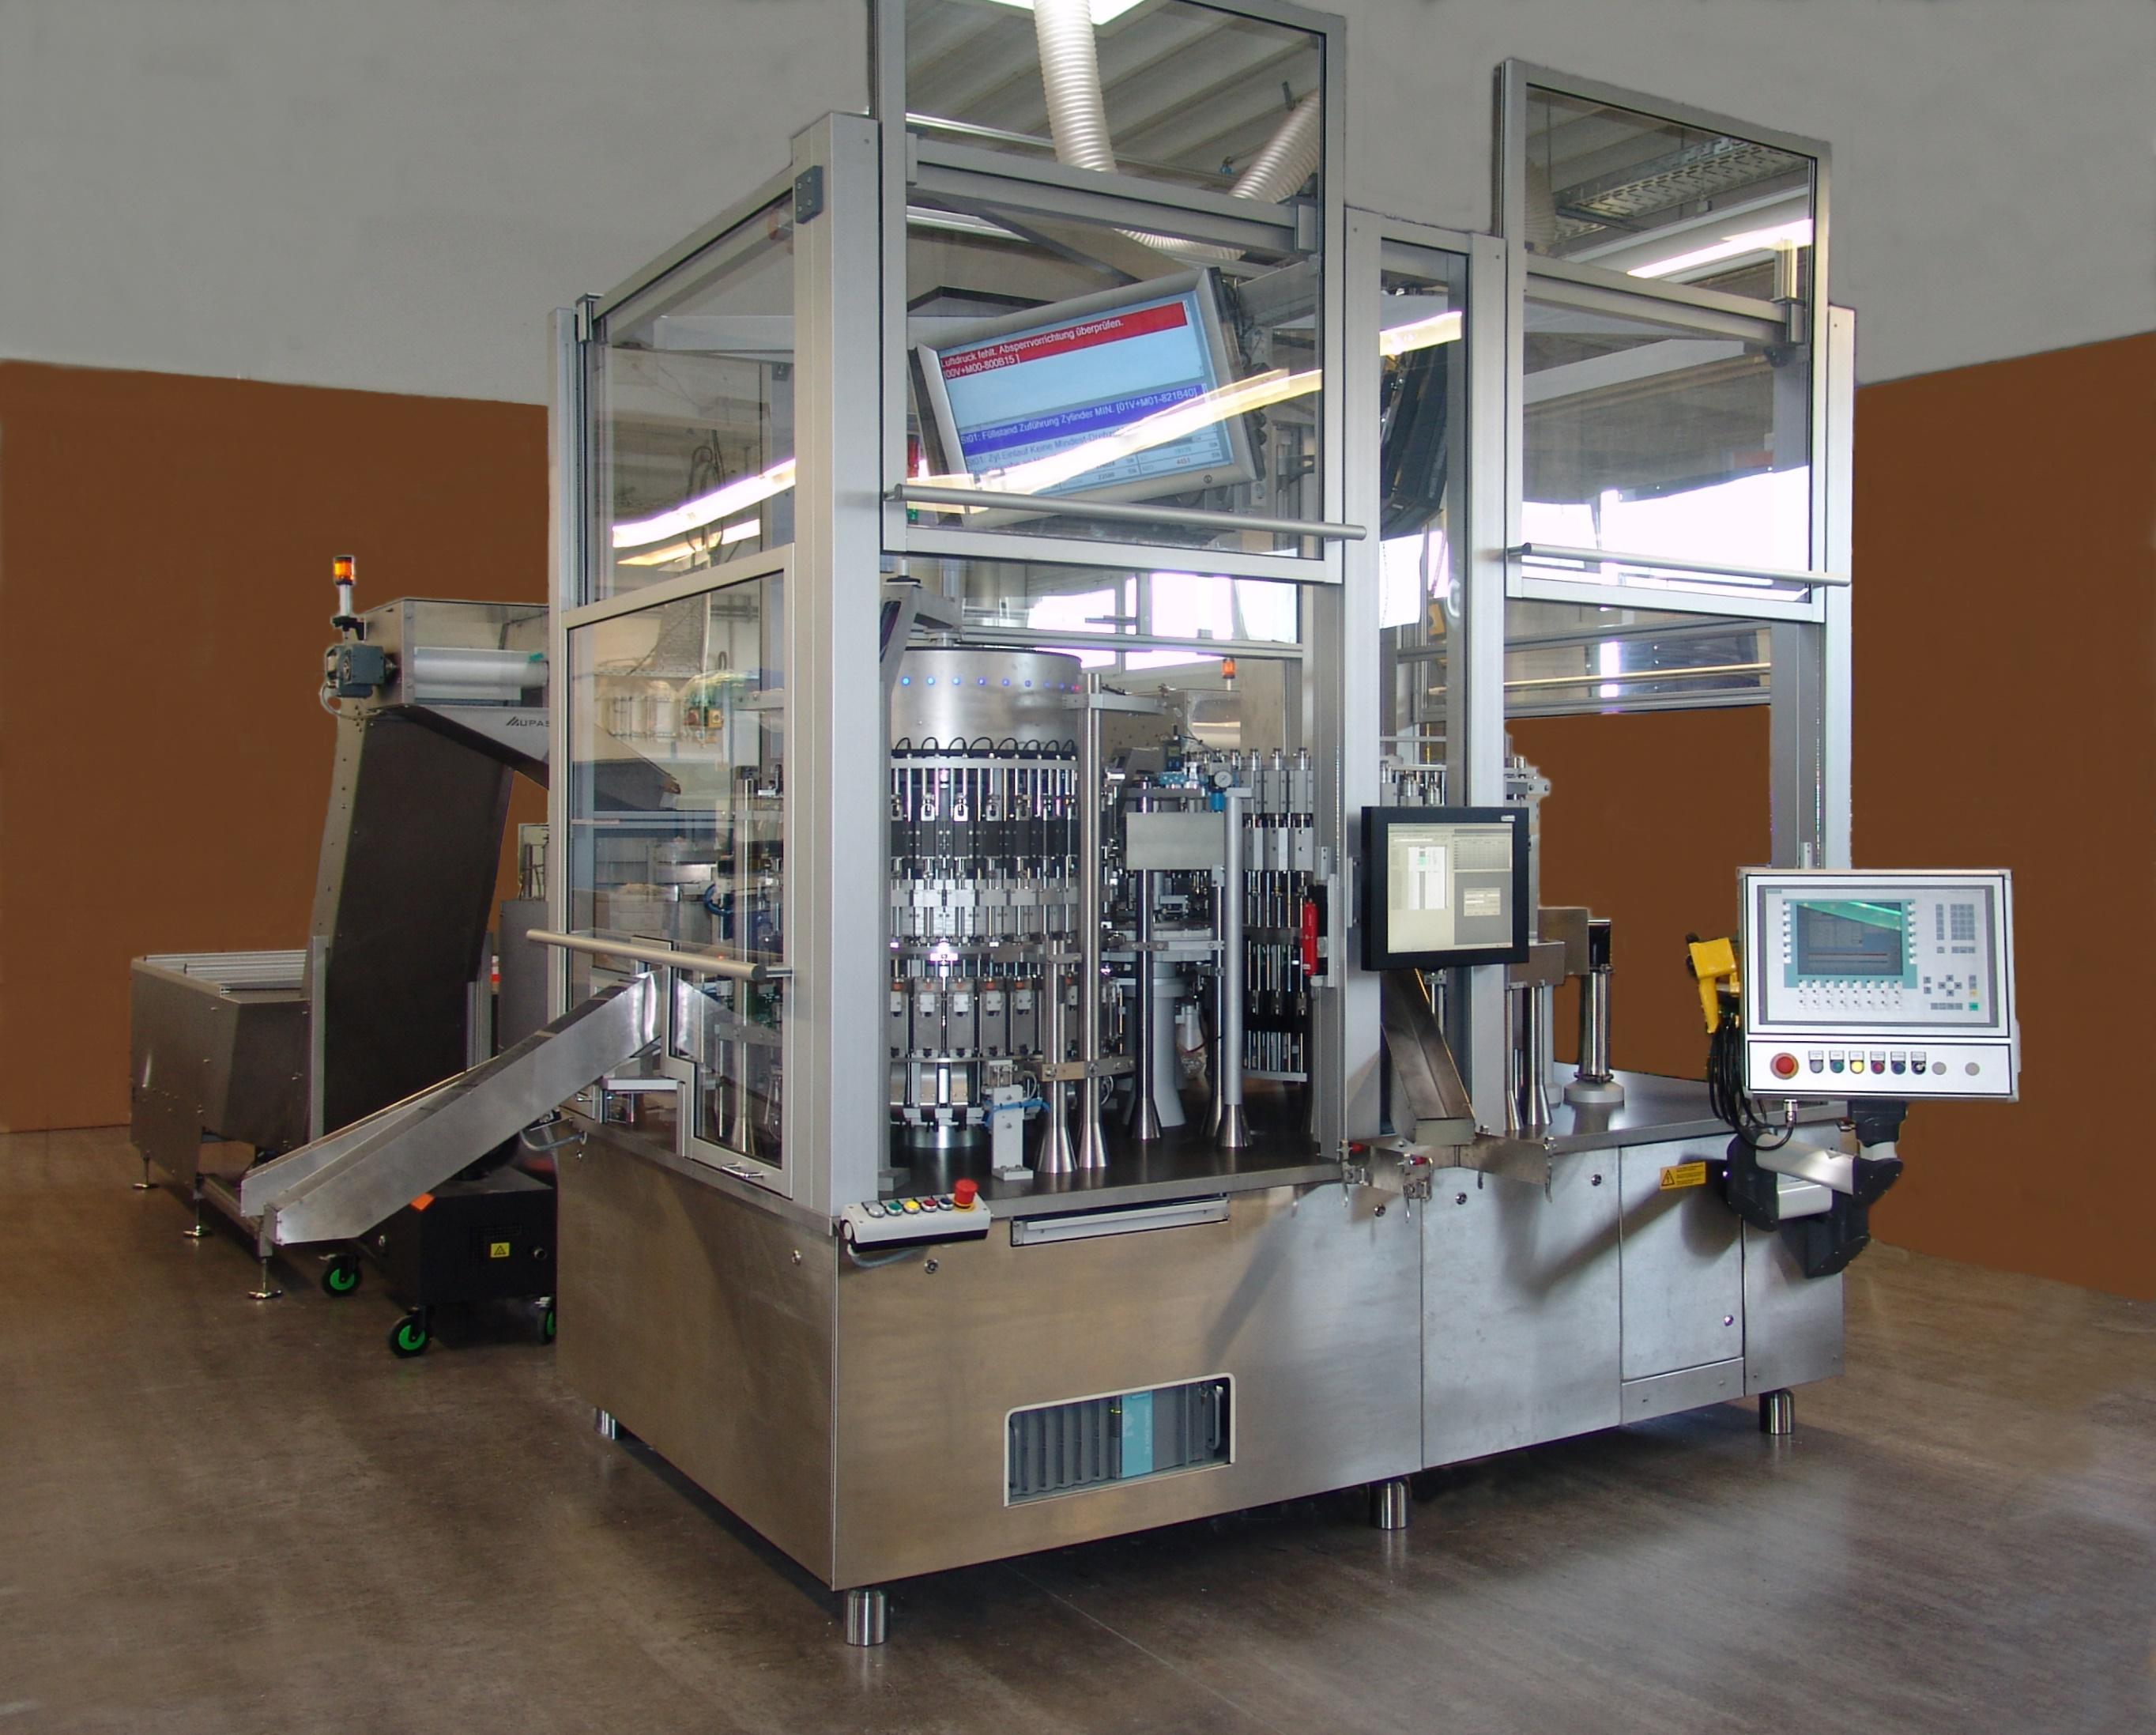 Rundtaktanlagen automation Uhr GmbH 07629 Reichenbach Deutschland www.automation-uhr.de